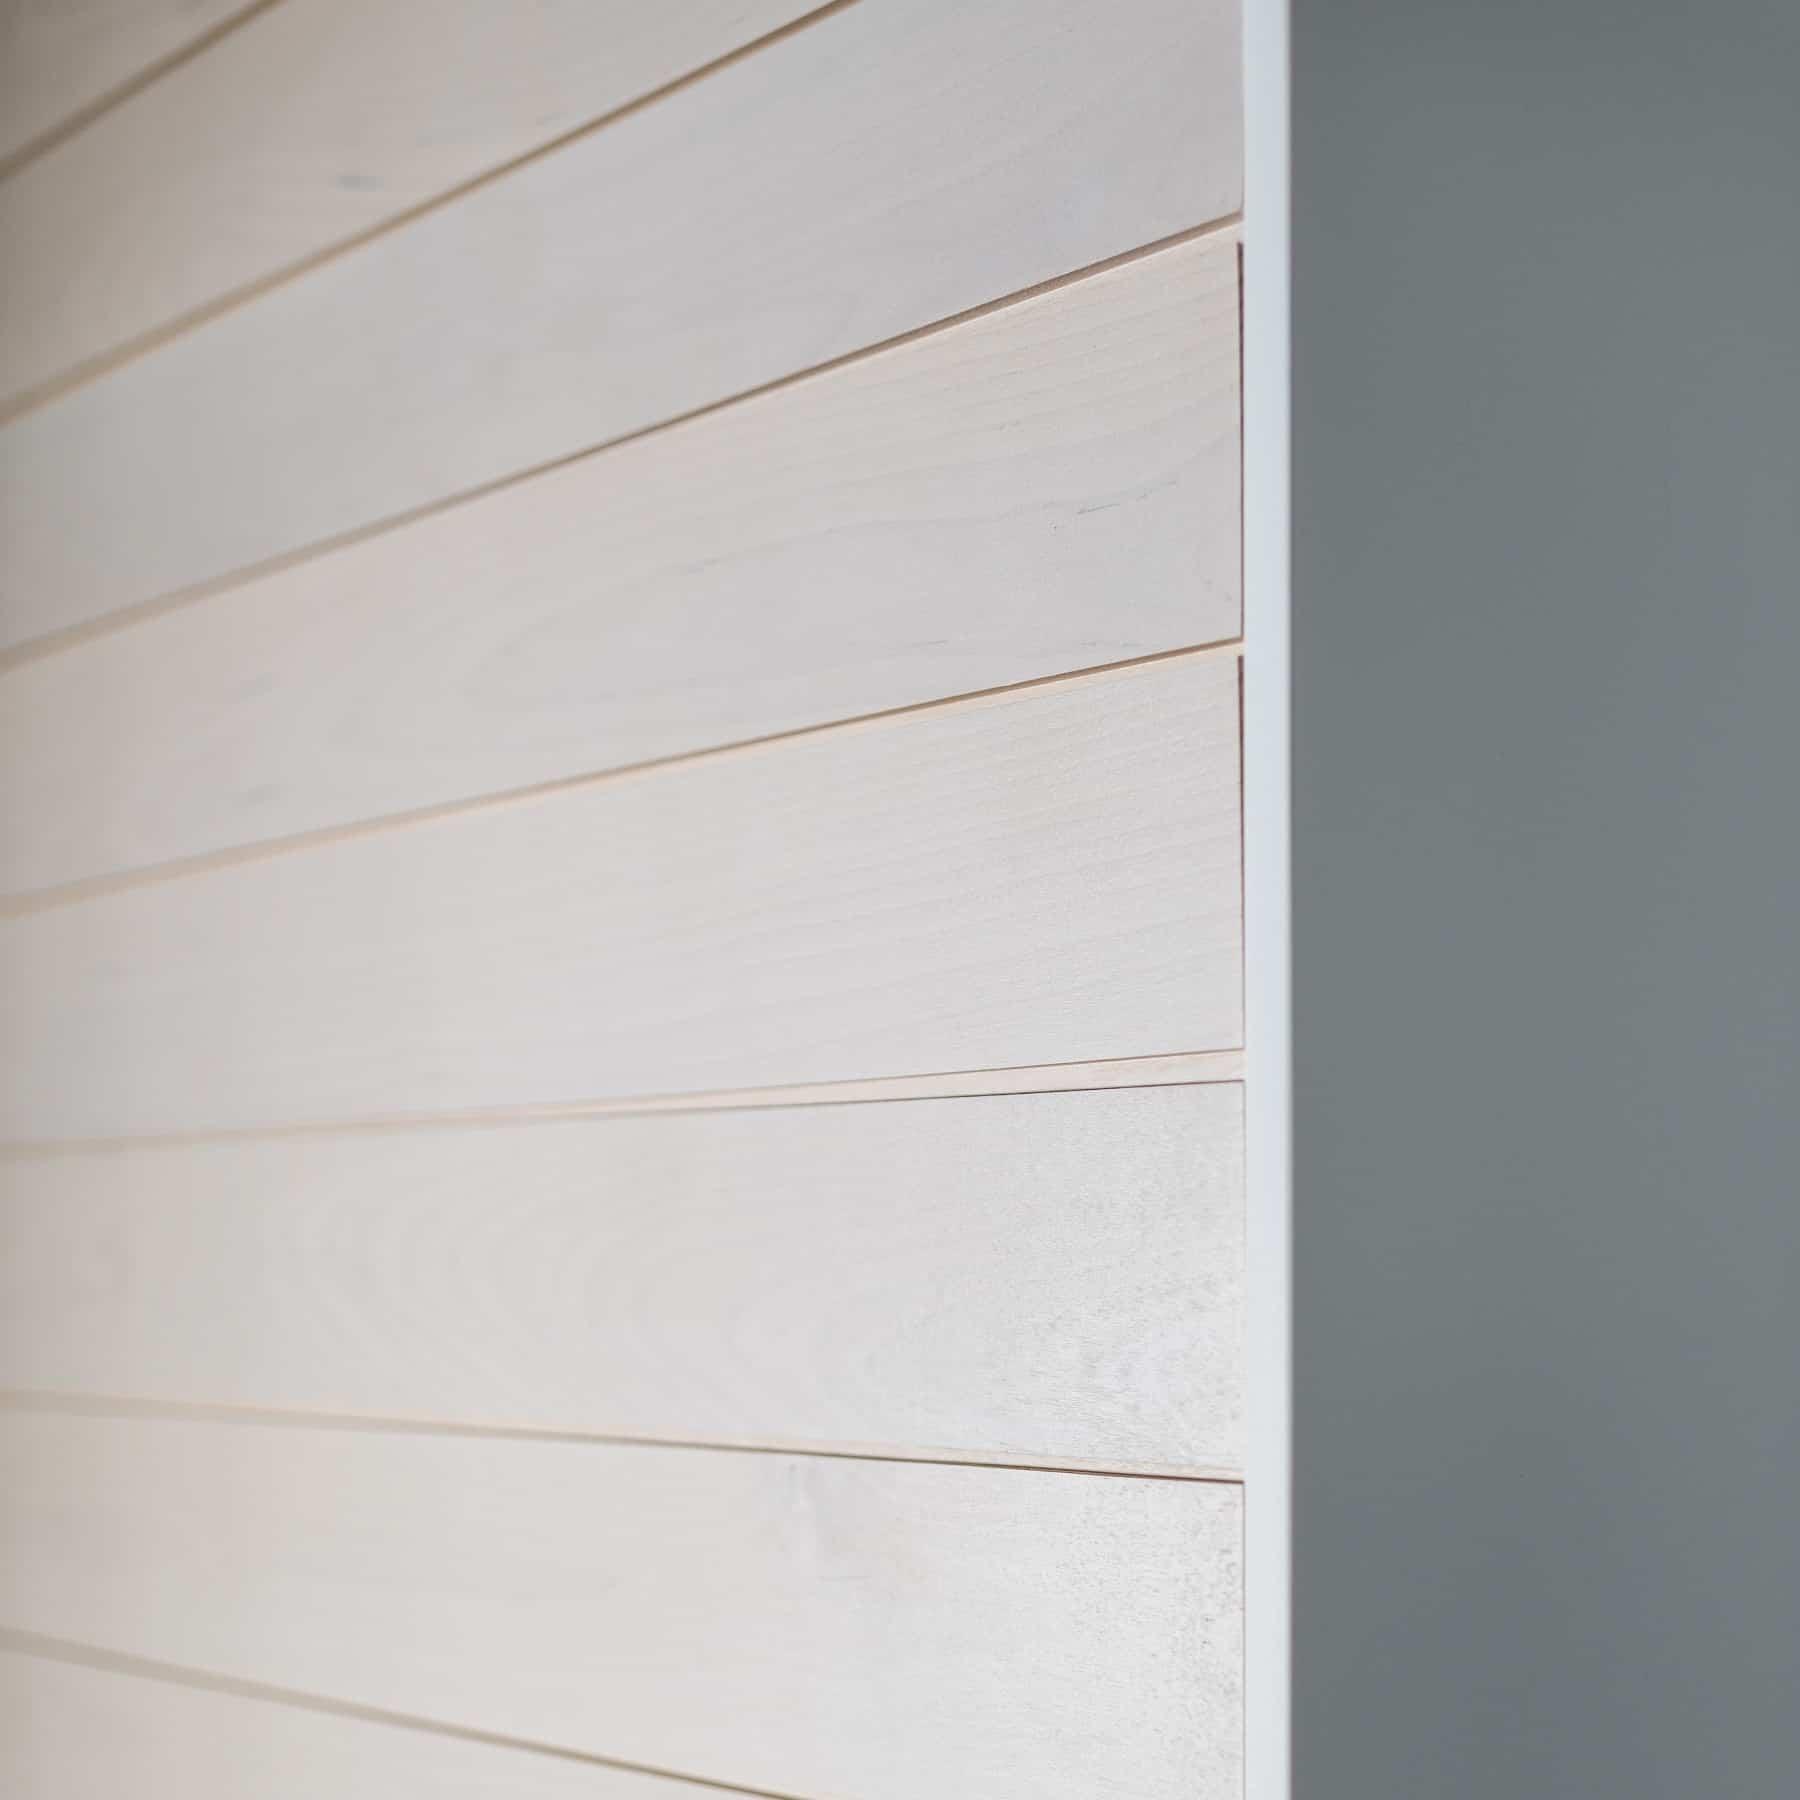 KOO sisustuspaneeli, sävy: kuultava valkoinen koivu